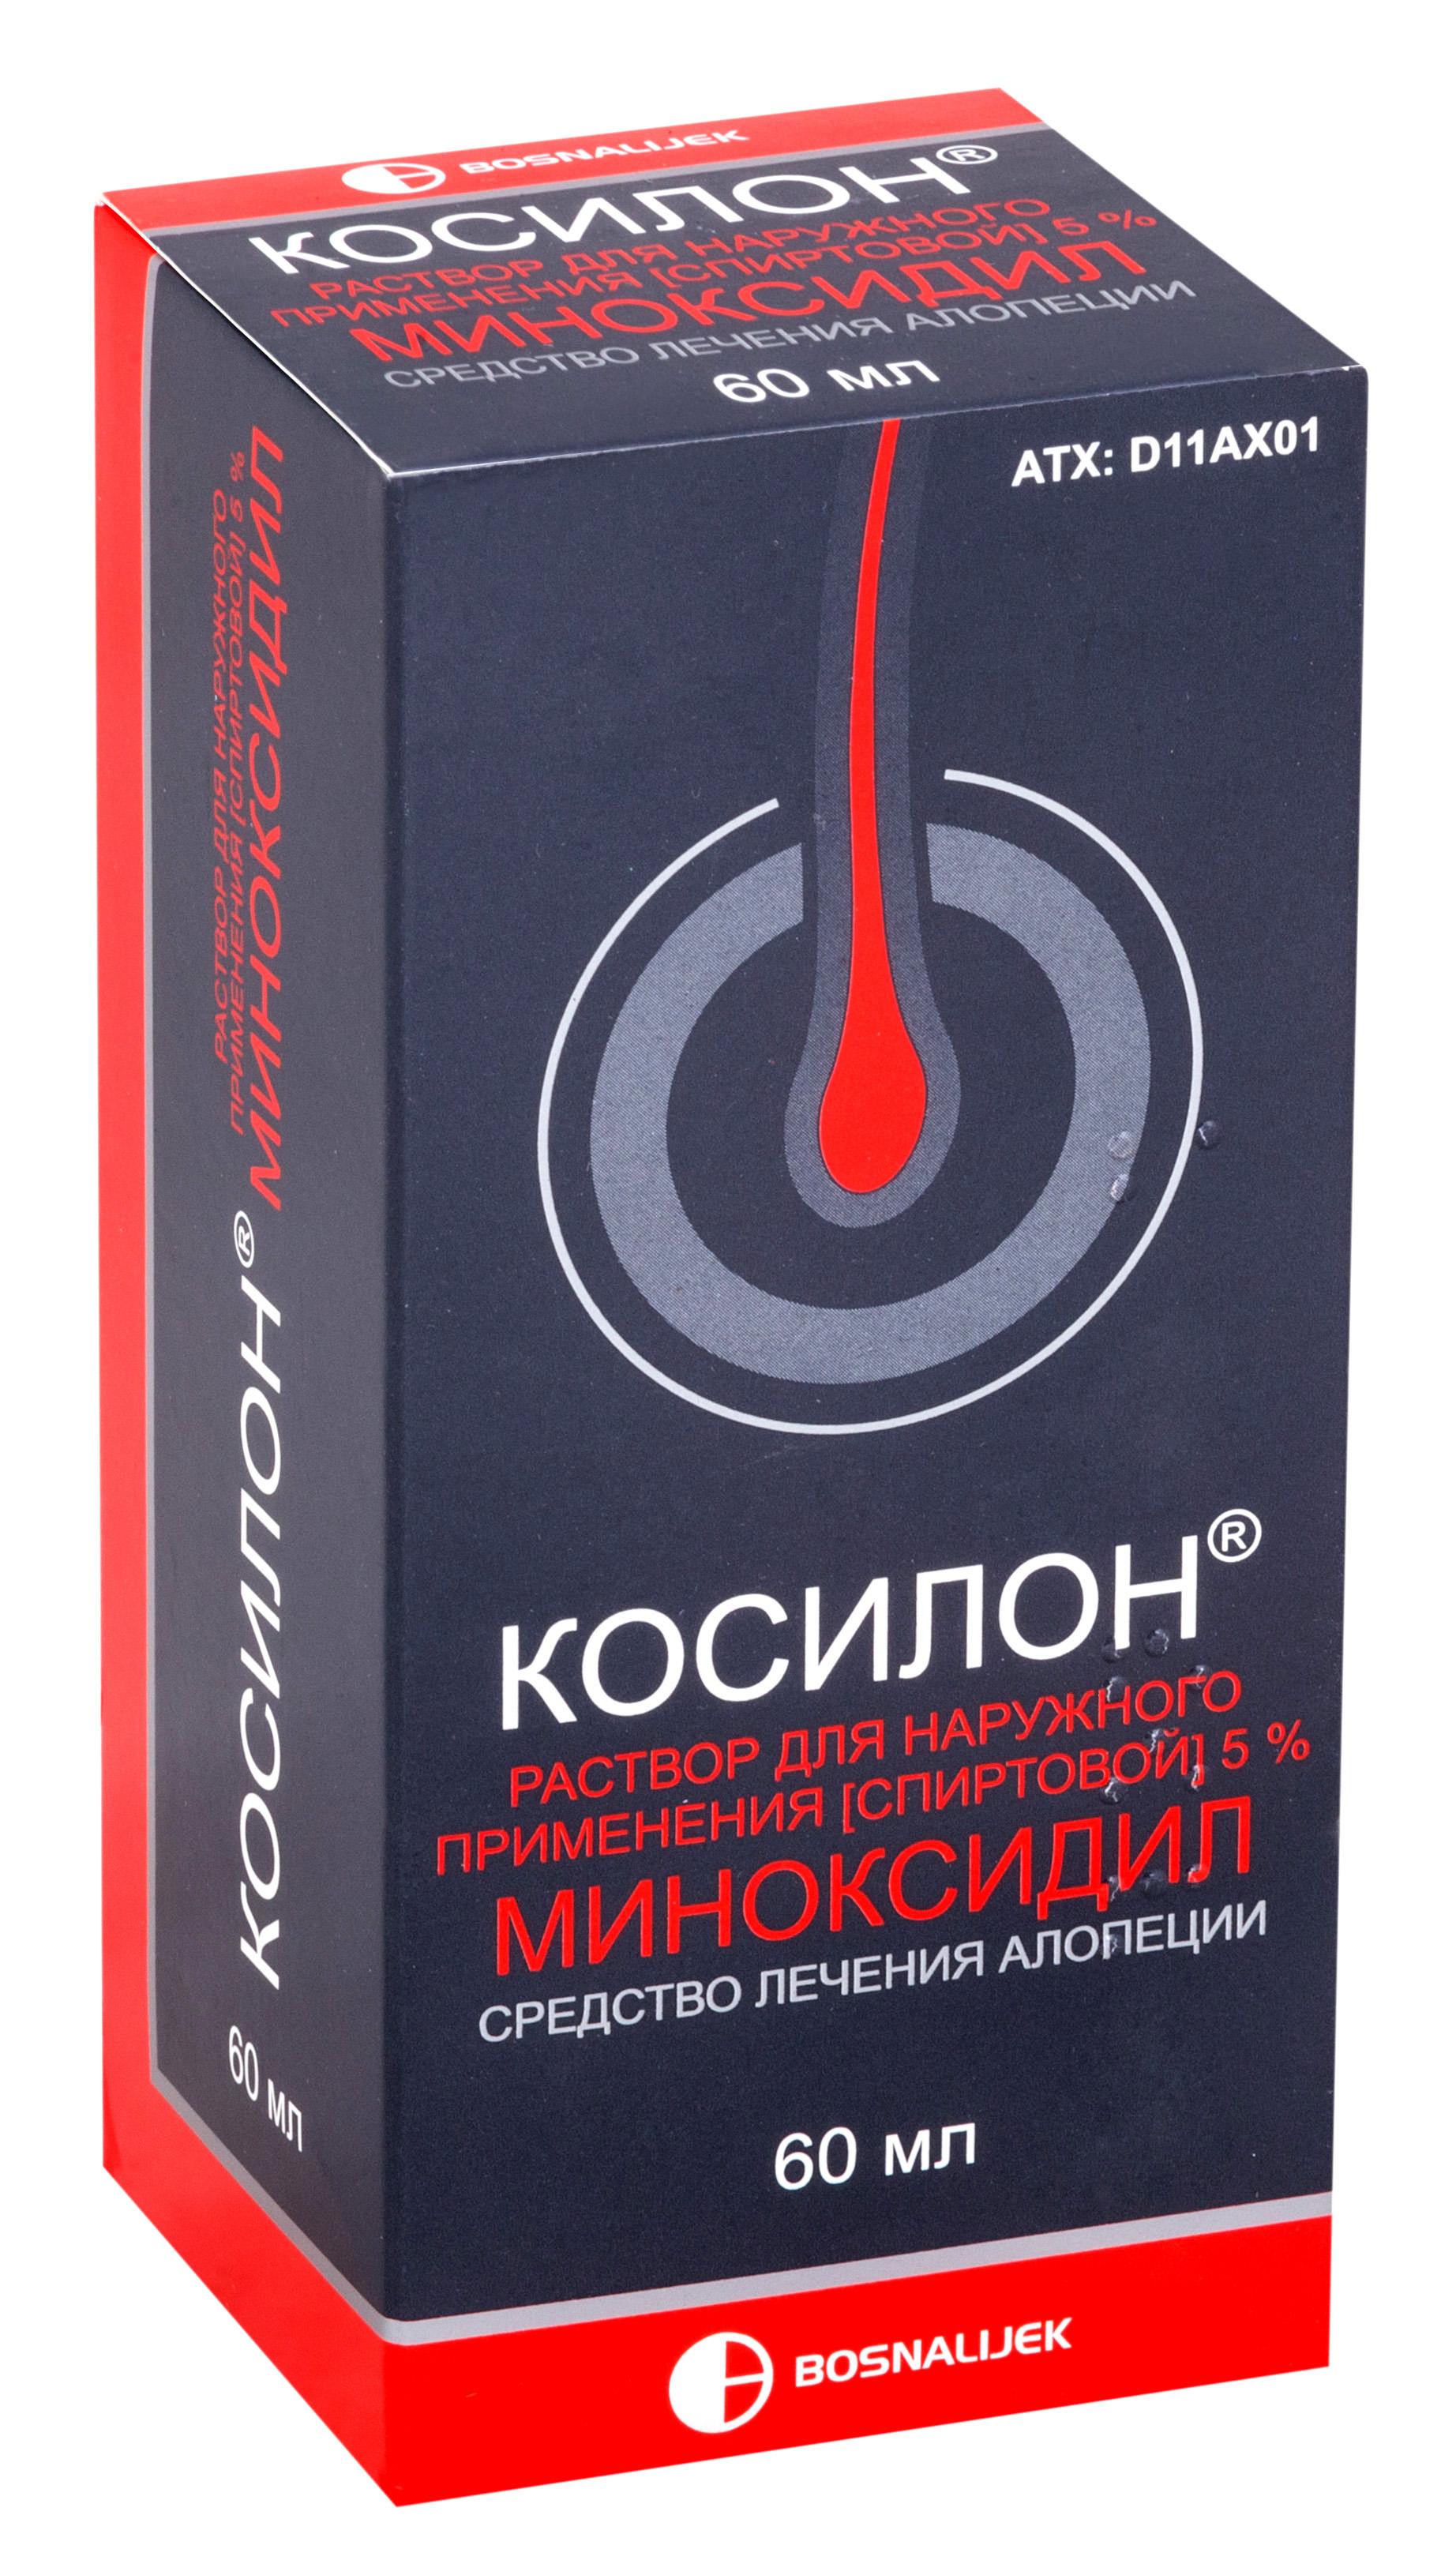 Косилон р-р наруж. 5% 60мл